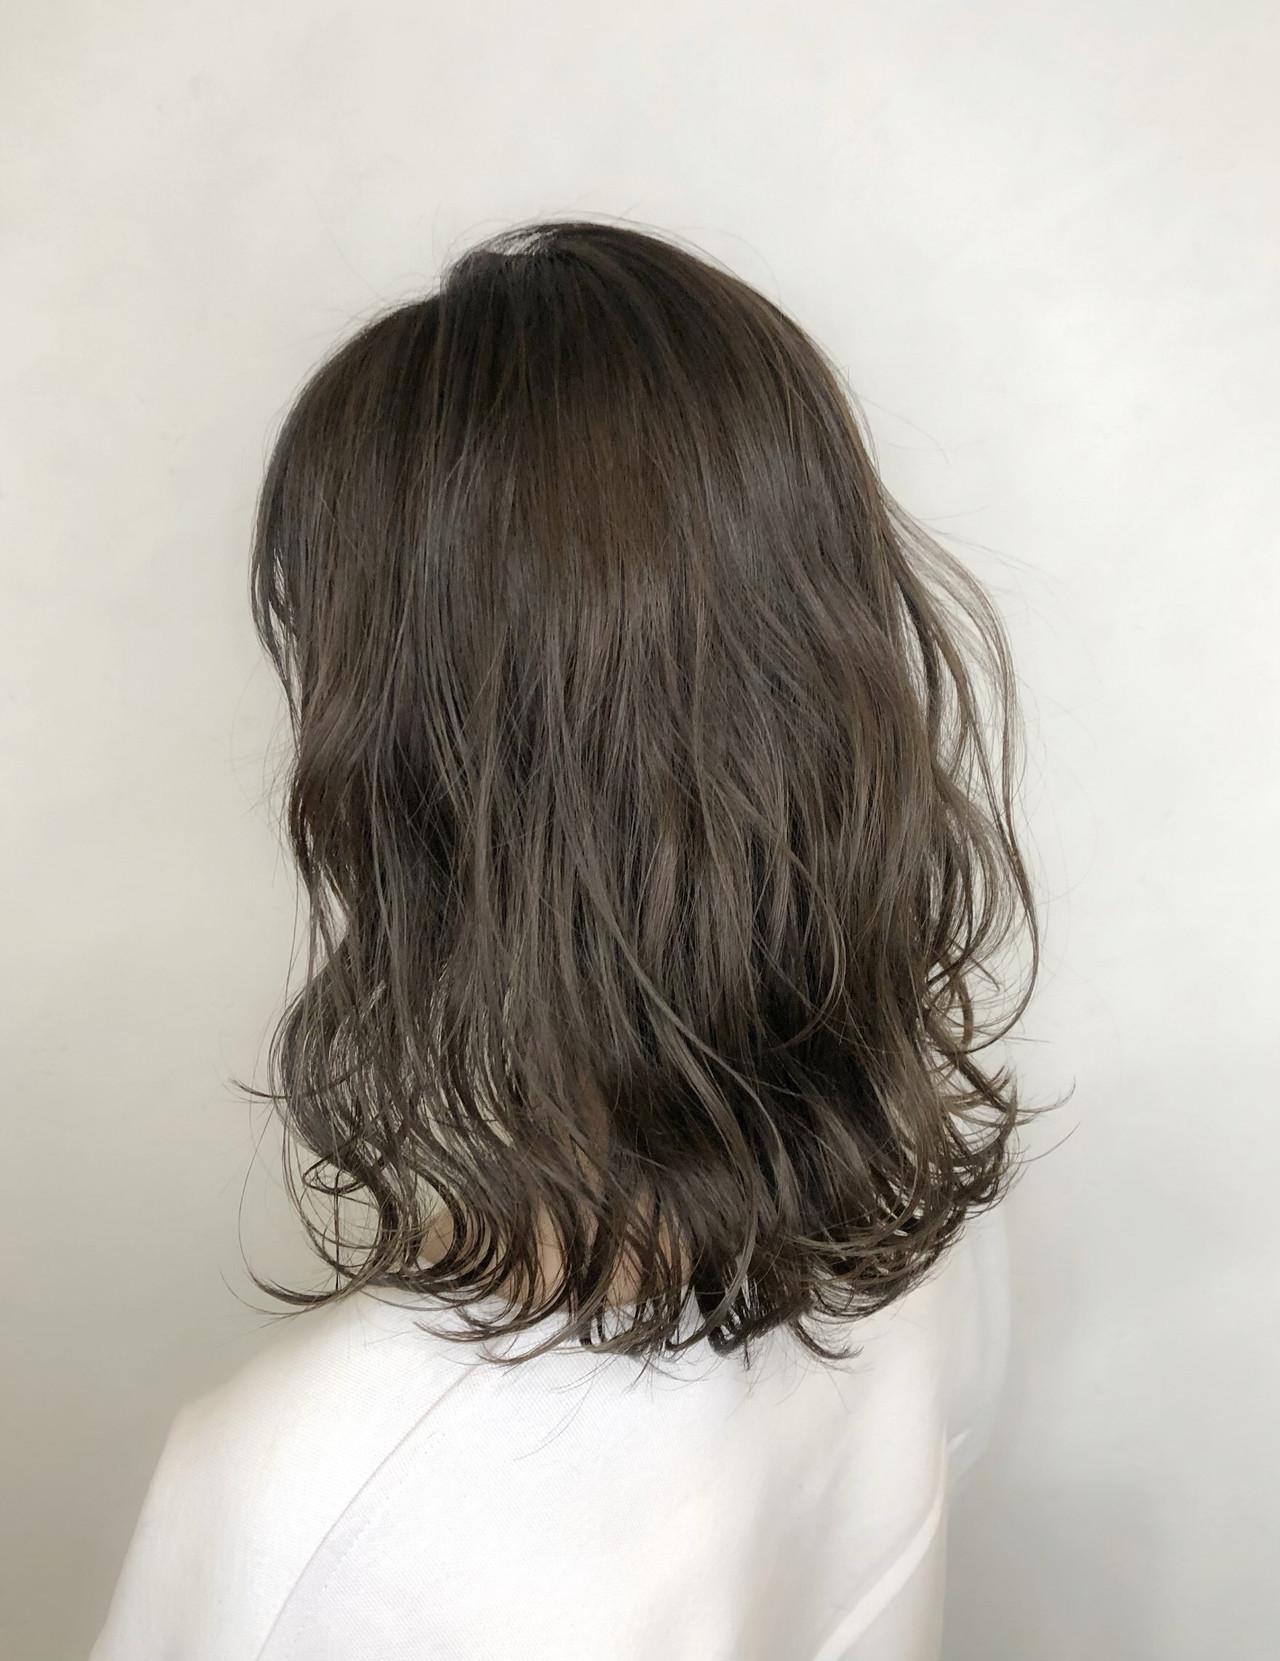 フェミニン グレージュ ミディアム 成人式ヘアスタイルや髪型の写真・画像